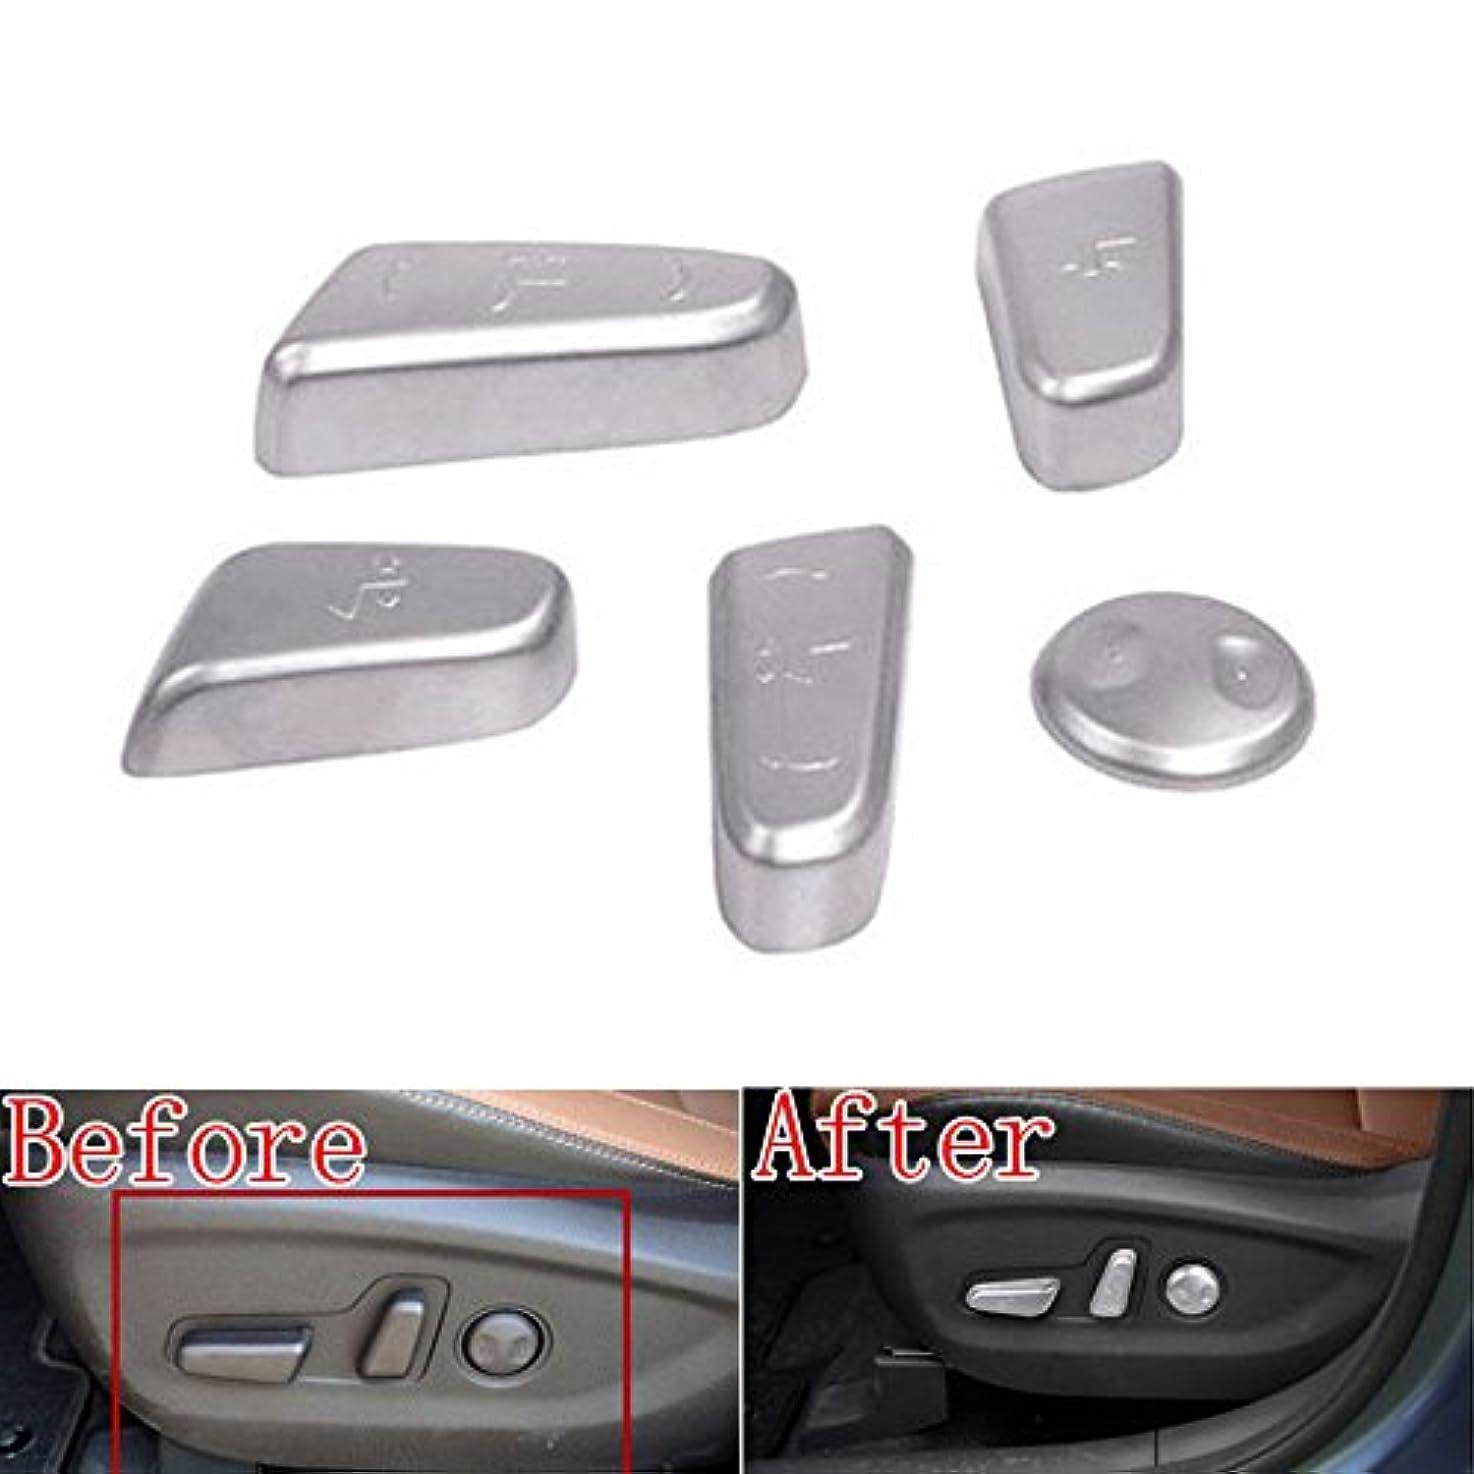 空虚変装司法Jicorzo - 5x ABS Chrome Car Door Seat Adjustment Switch Control Knob Button sticker Fit For Hyundai Tucson Car decal Accessory